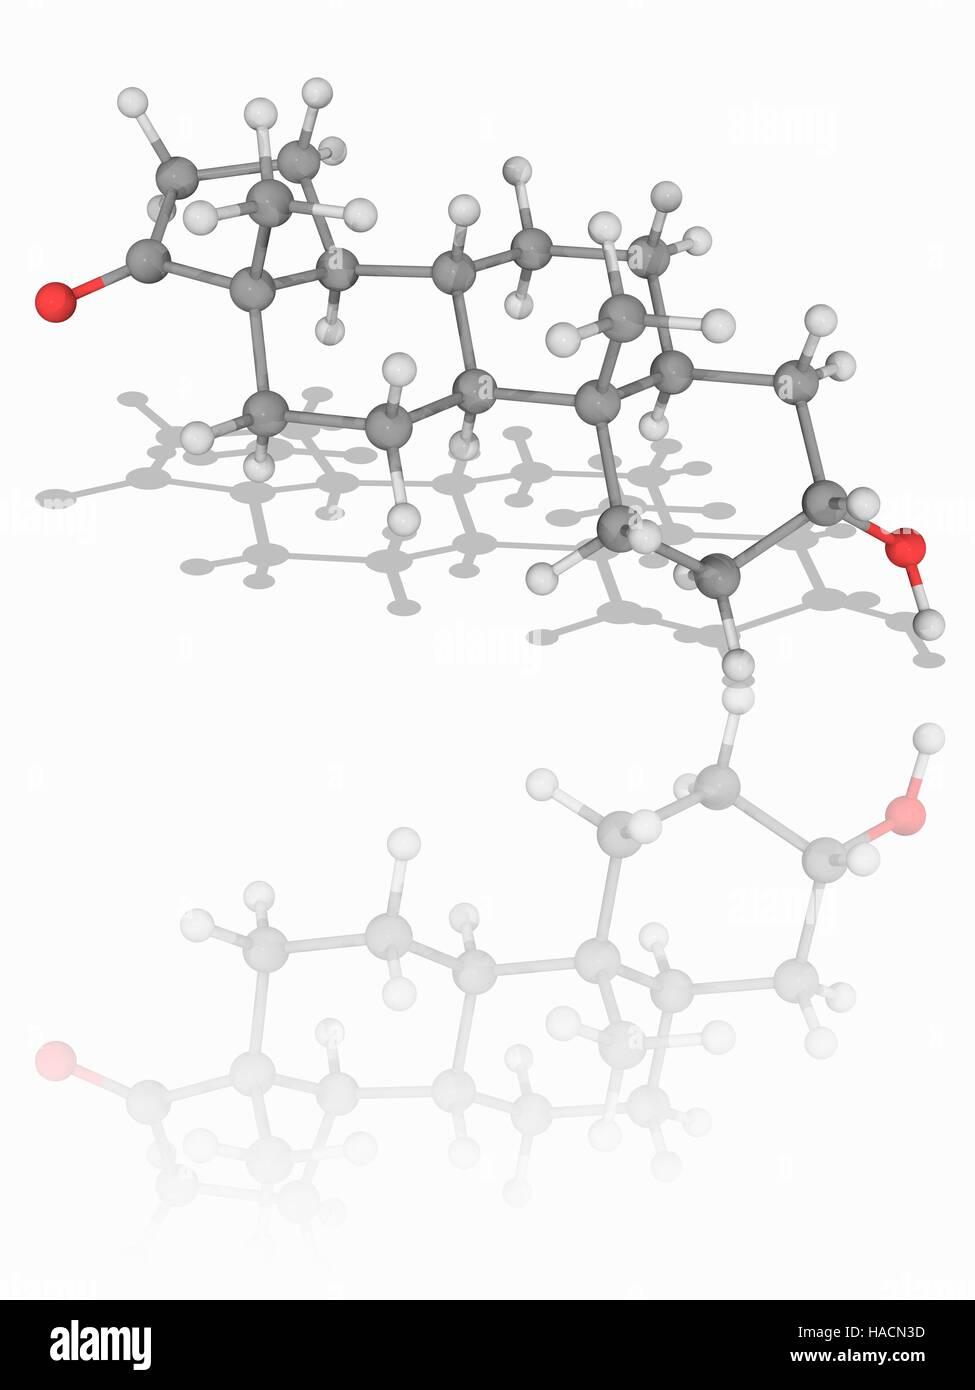 Androsterone. Il modello molecolare di ormone steroideo androsterone (C19.H30.O2), prodotta nel fegato da il metabolismo Immagini Stock